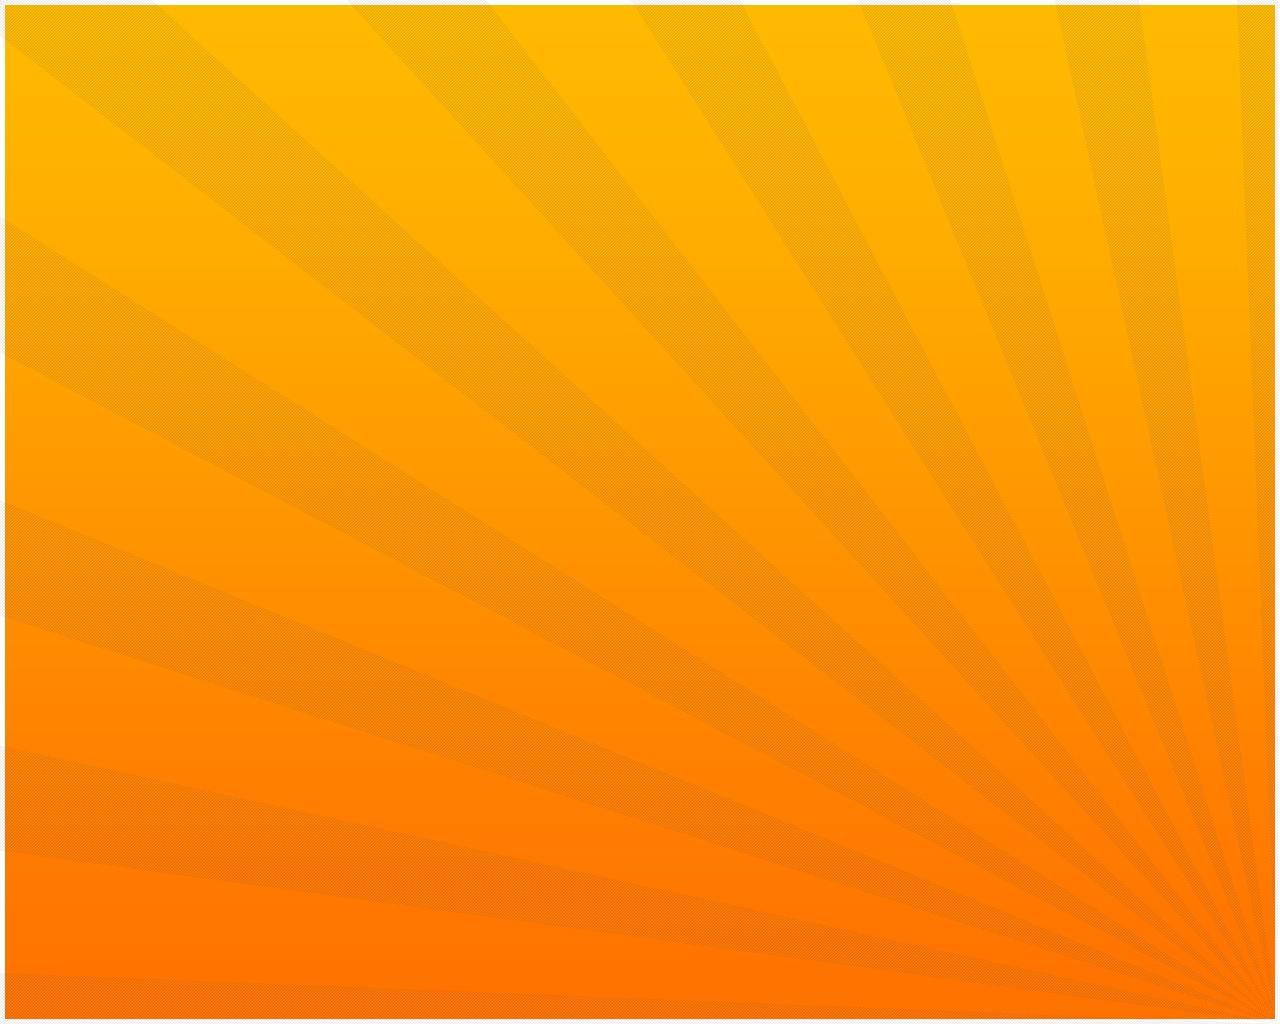 orange wallpaper, оранжевые обои на рабочий стол